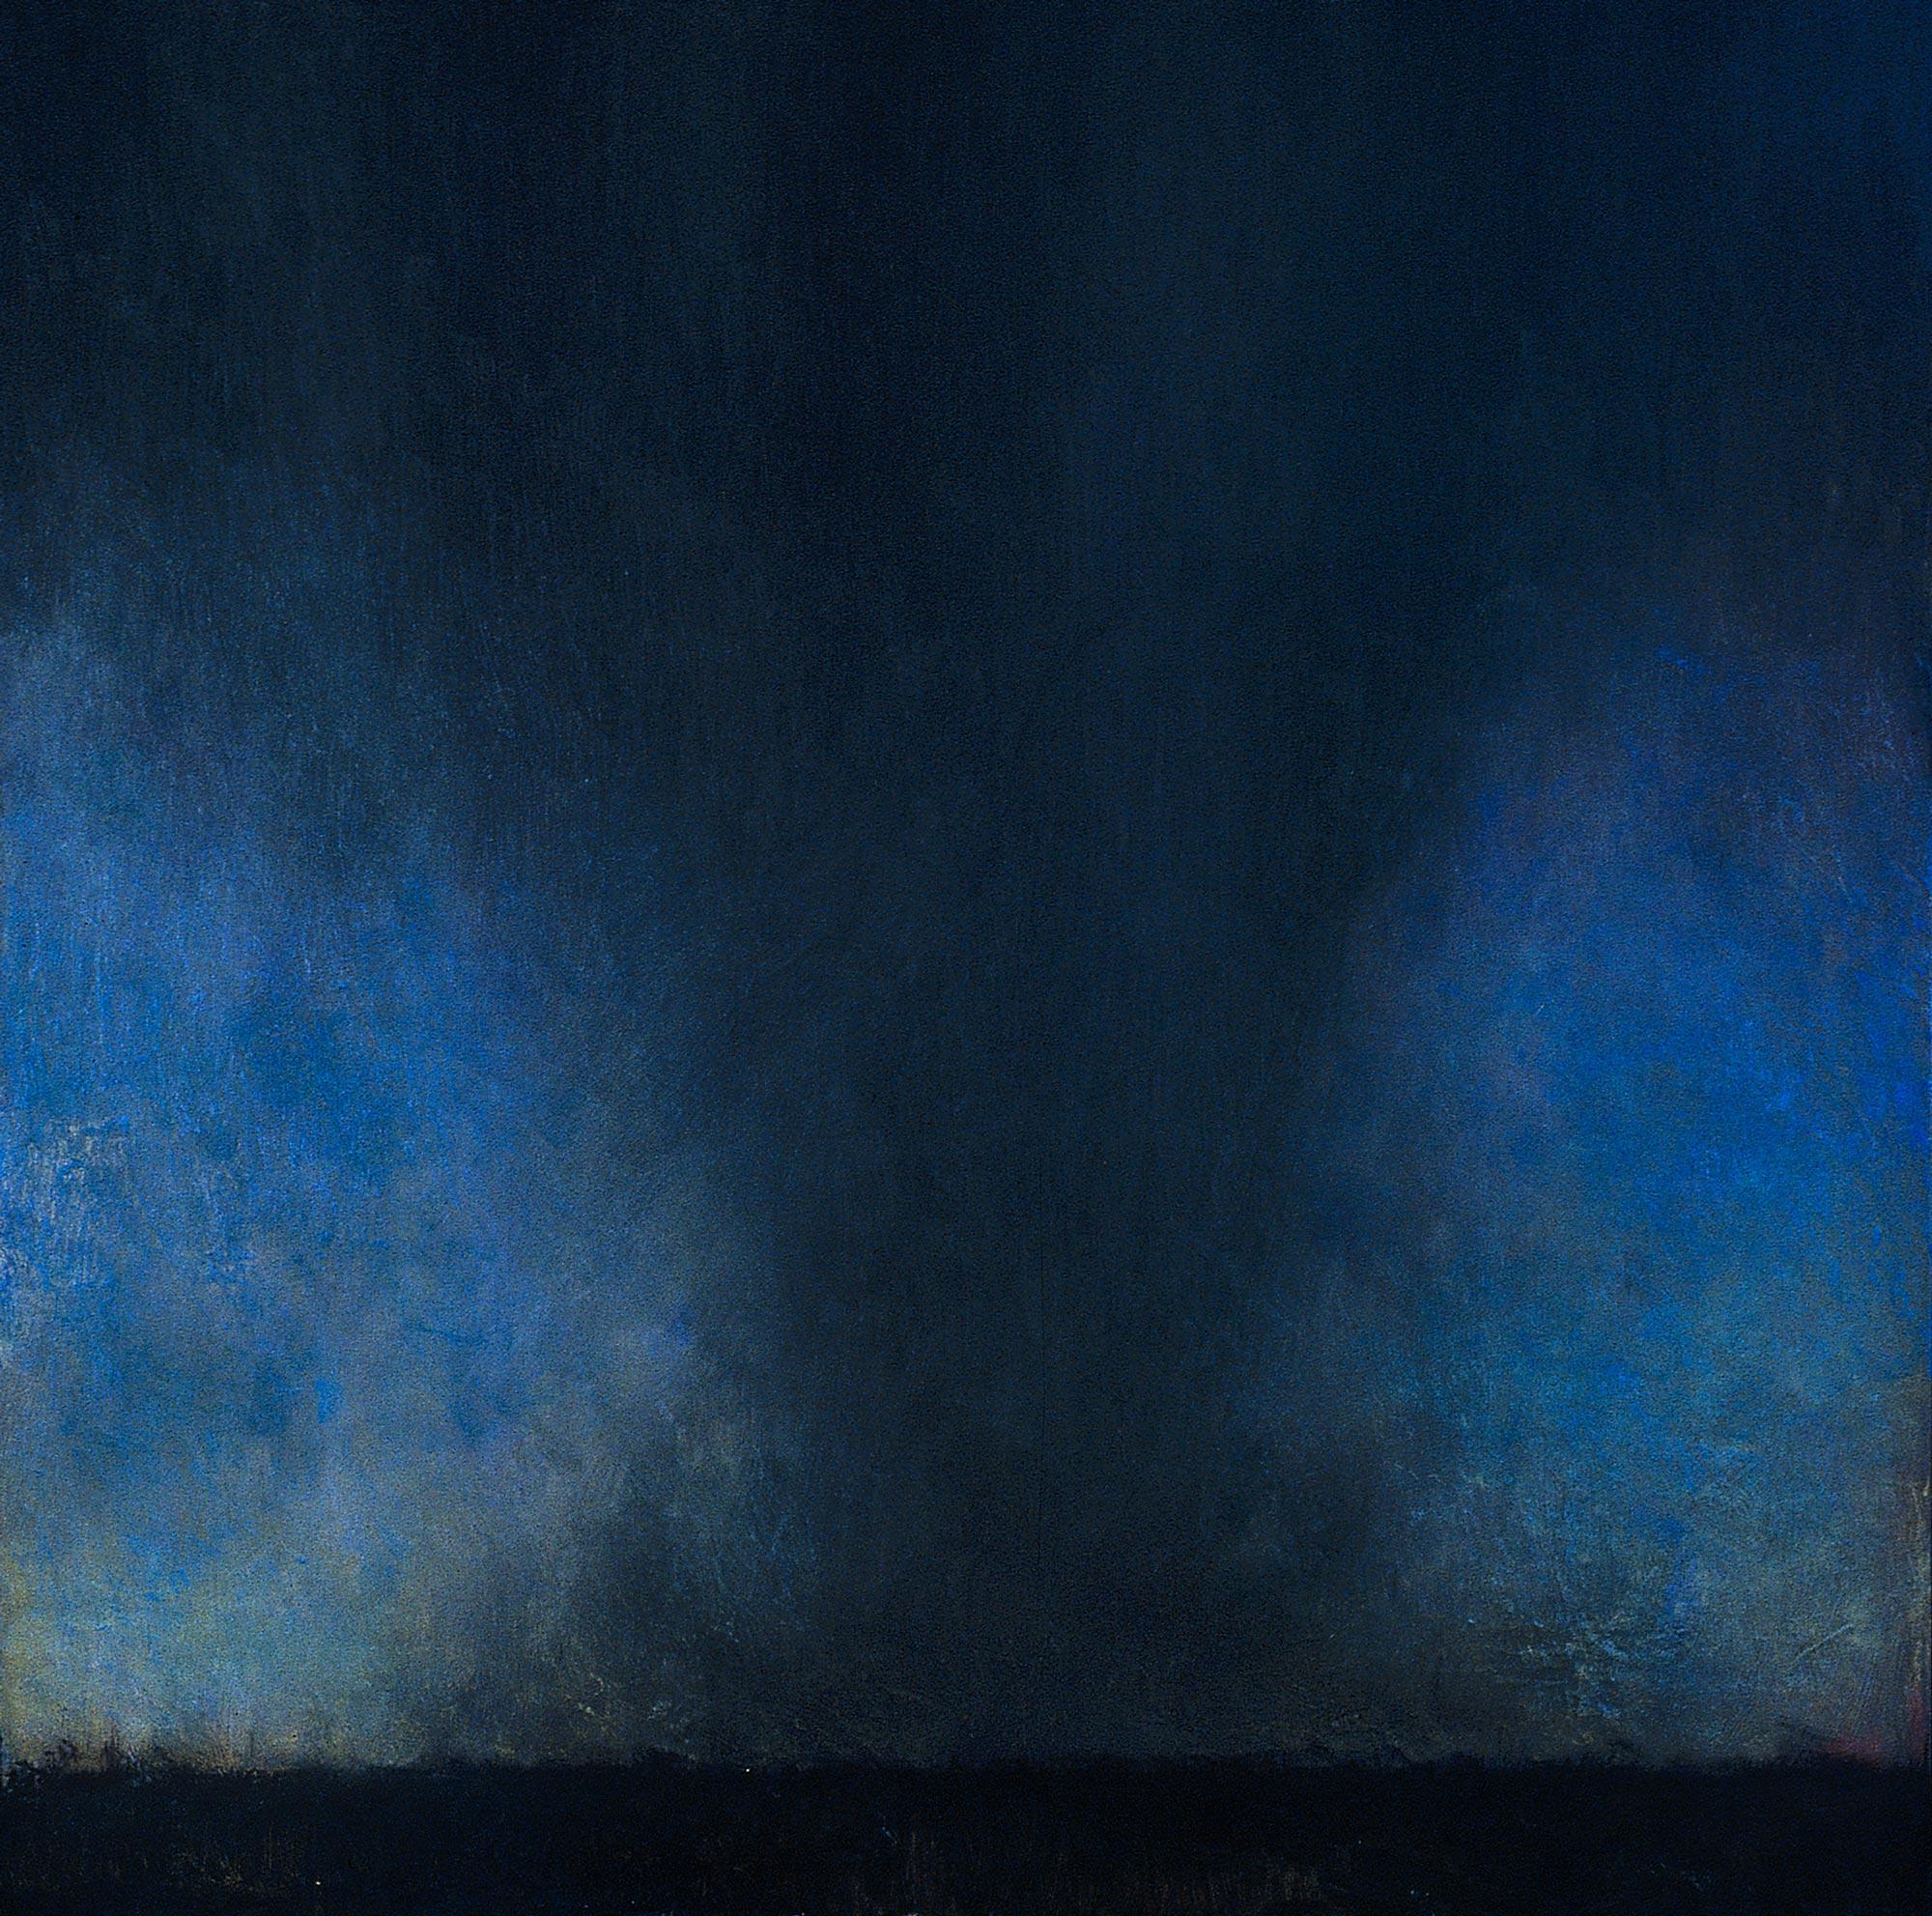 Tornado at Dusk, 48 x 48, oil on canvas, 2003